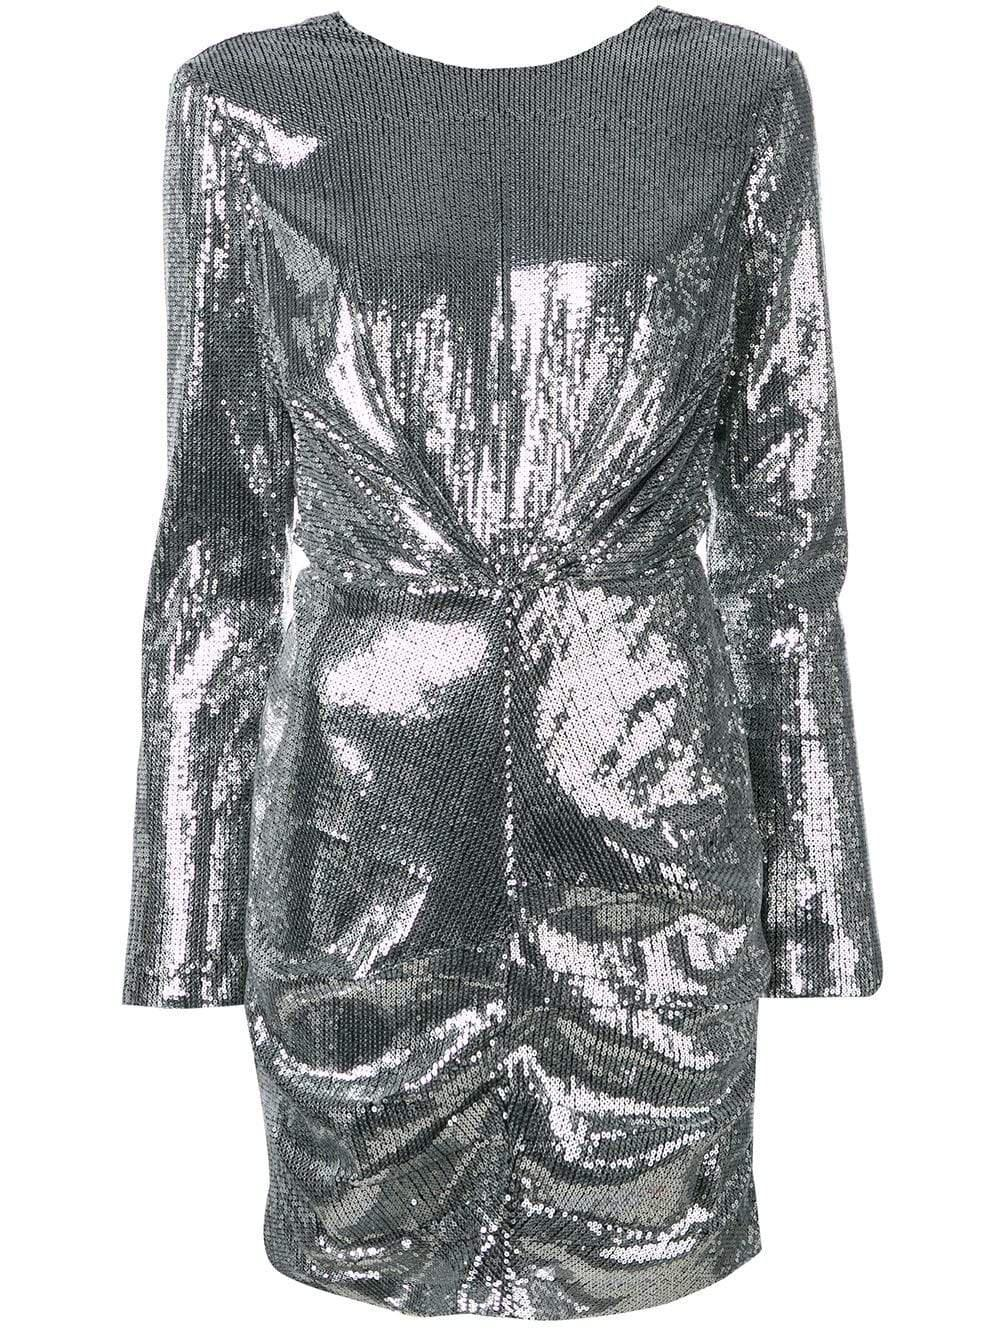 Short Silver Sequin Dress